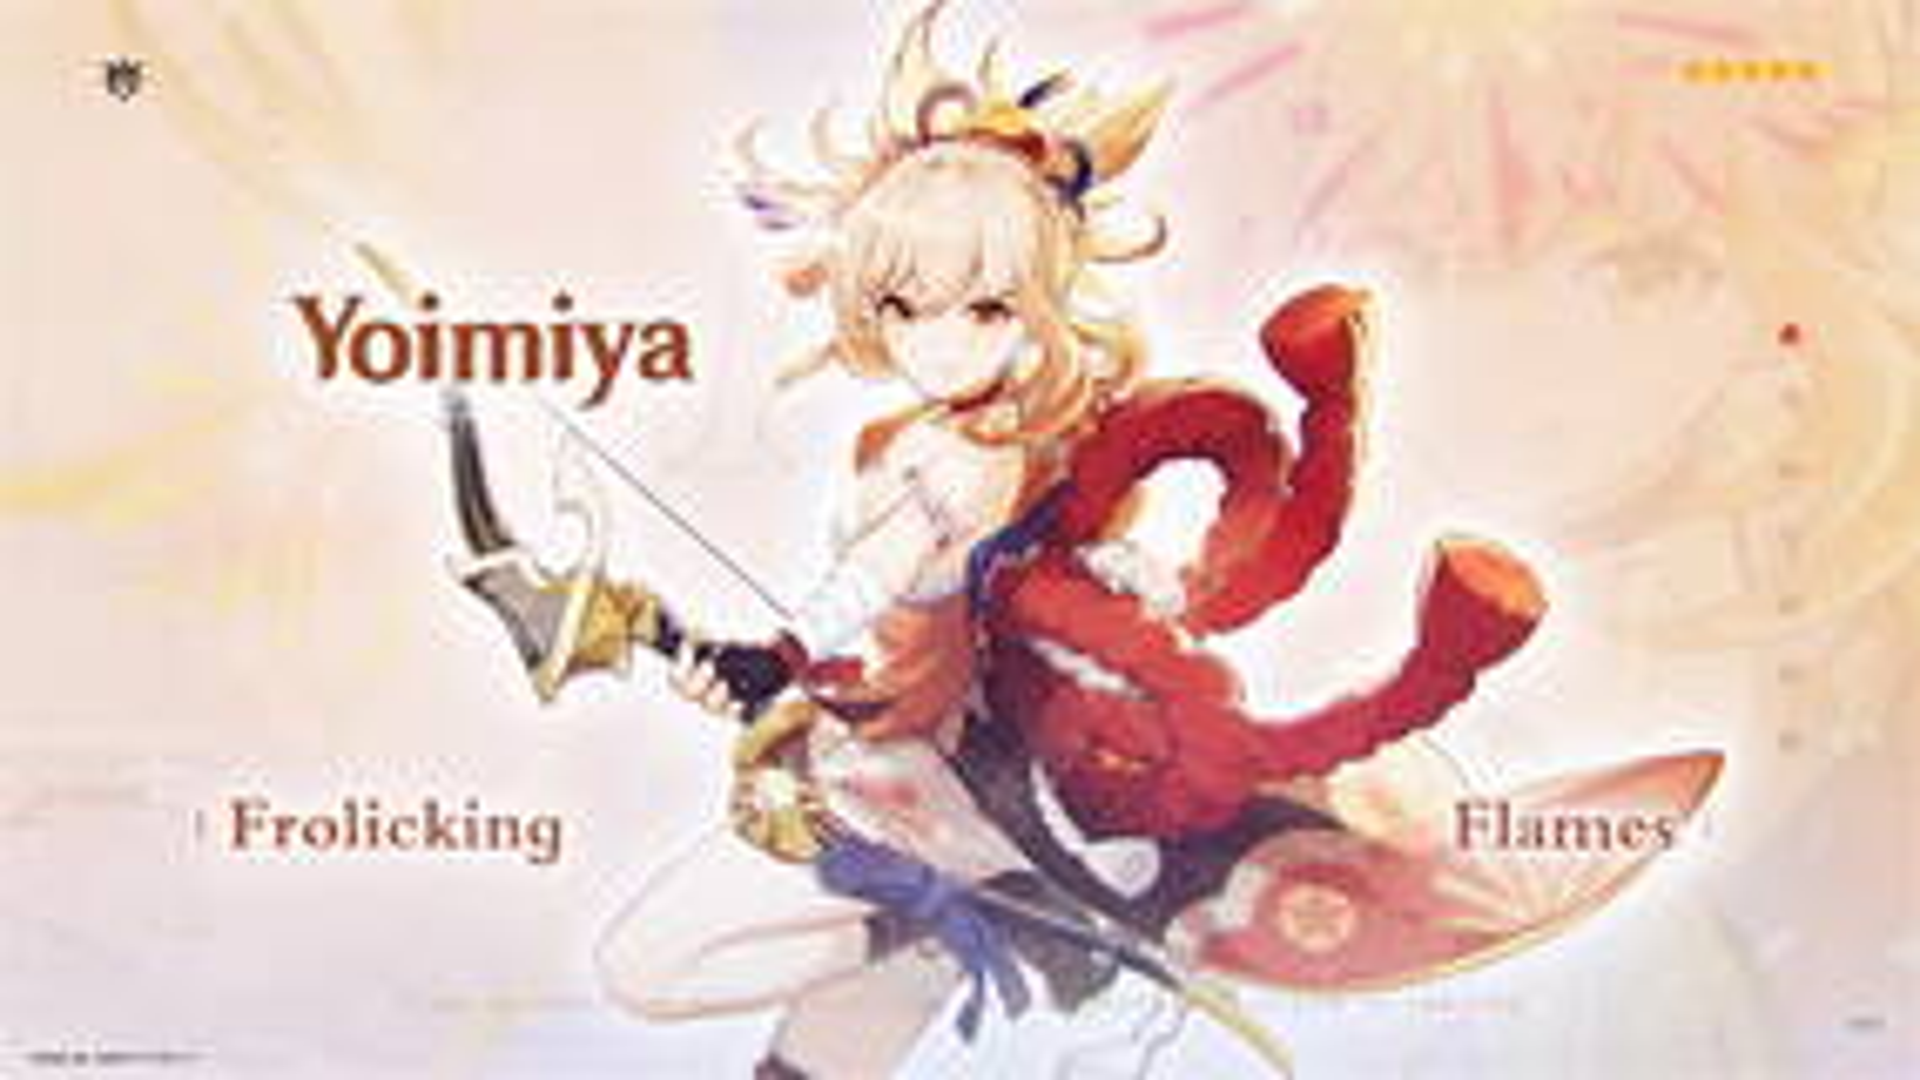 Image for Genshin Impact Yoimiya build, banner, materials, and more